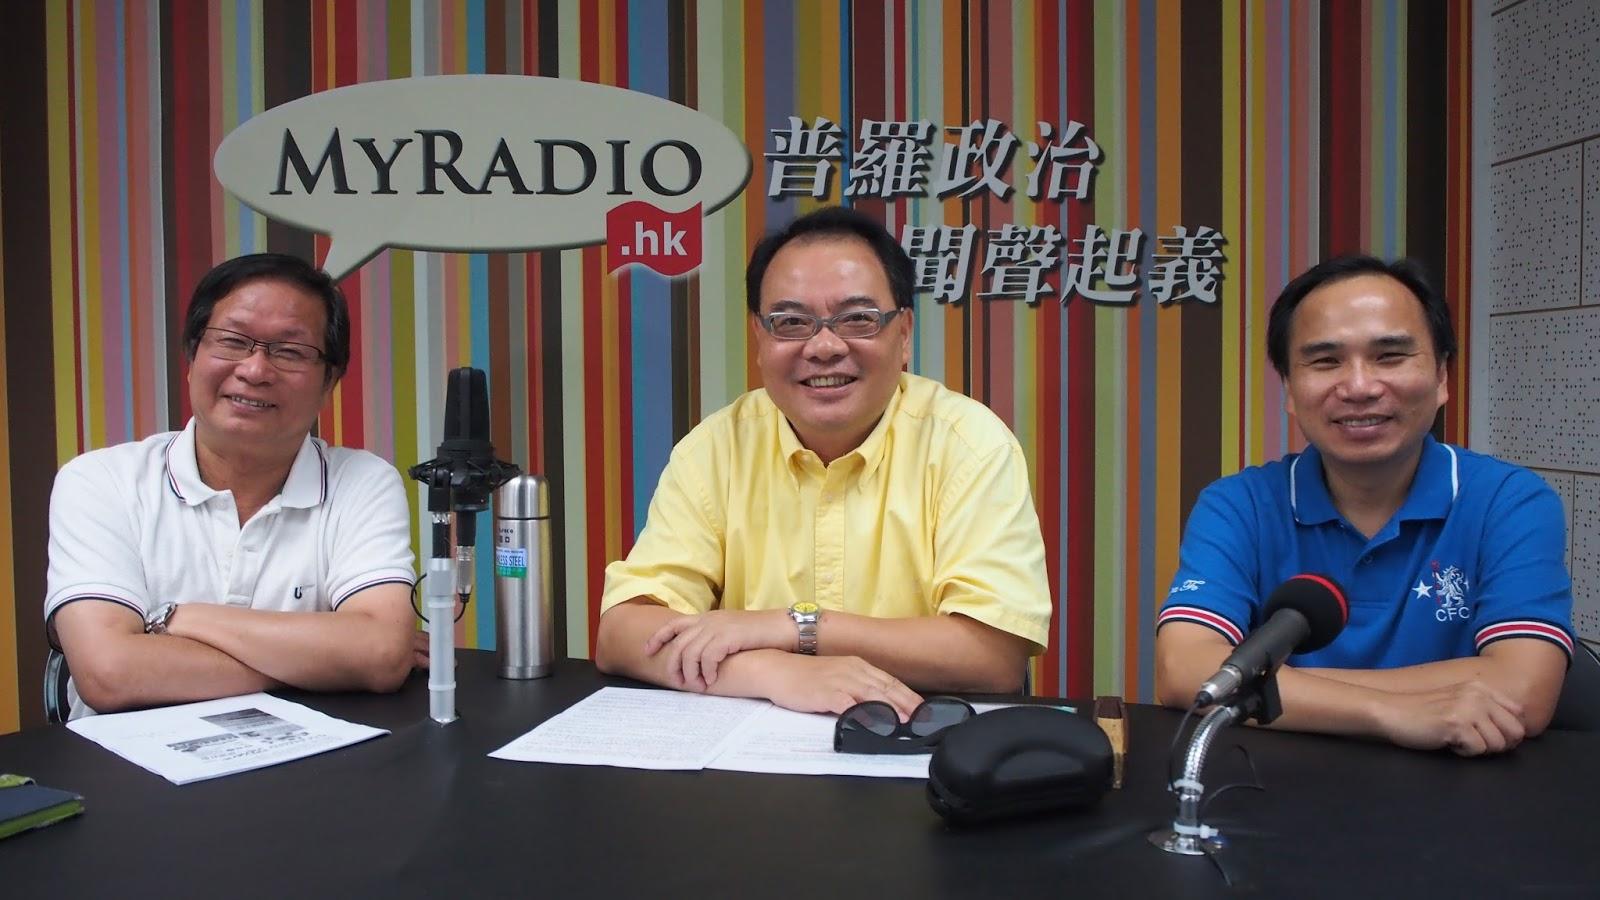 MyRadio.HK 臺務網誌: 天天天藍 160509 ep161